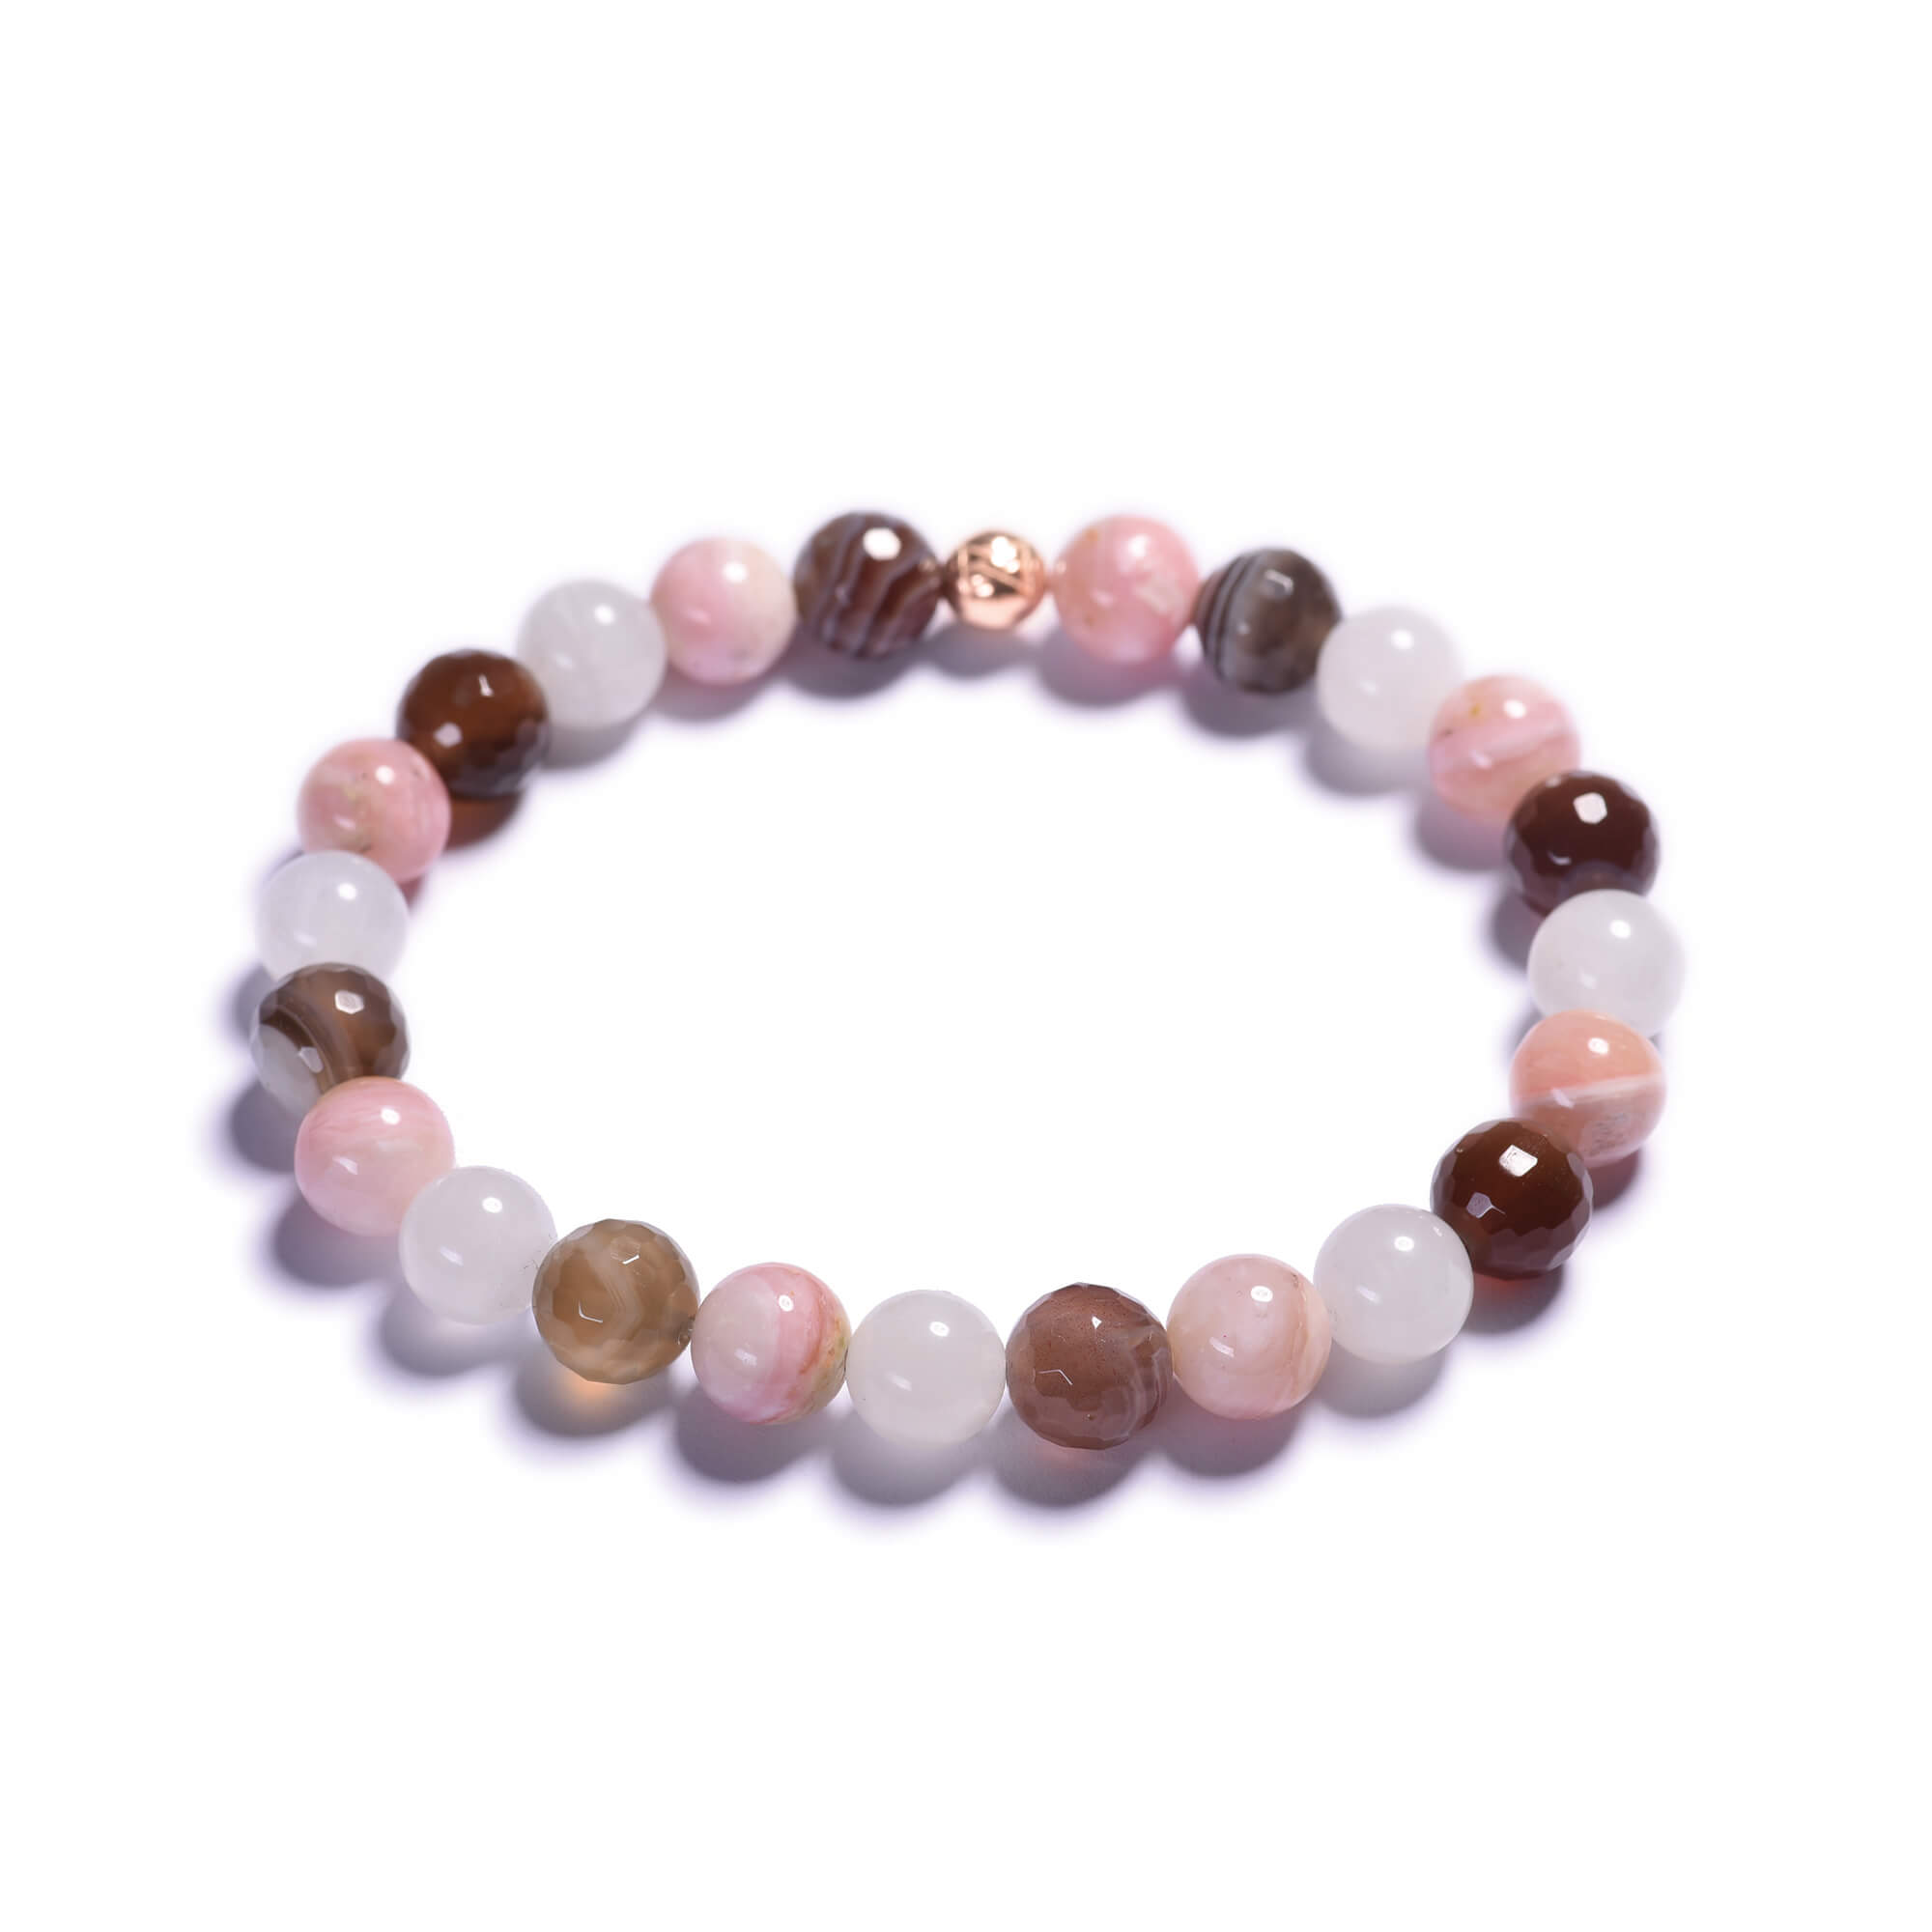 58cbb839cfb79 Dámsky korálikový náramok – mesačný kameň AA, ružový opál ...